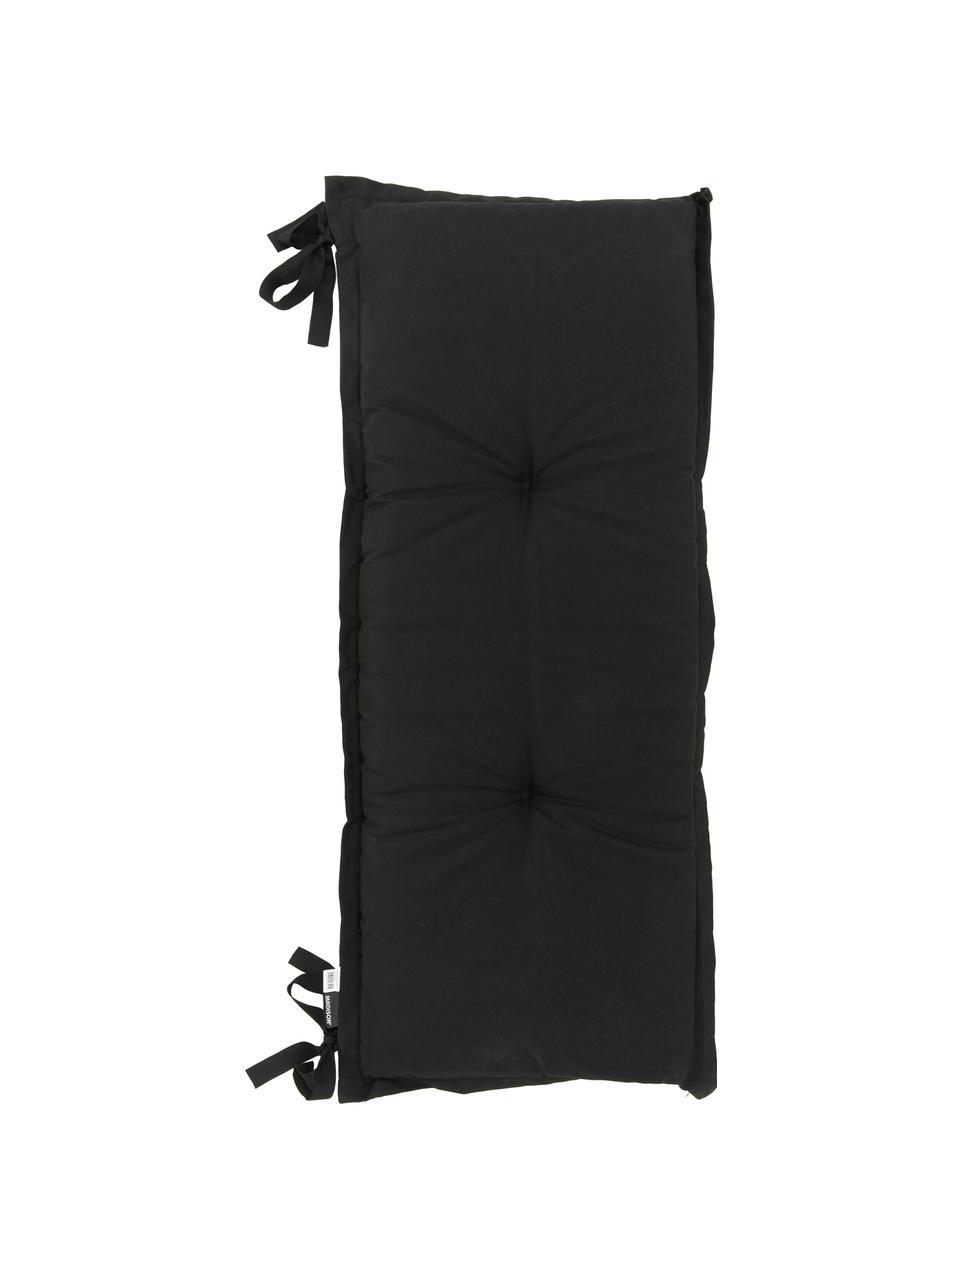 Poduszka na ławkę Panama, 50% bawełna, 45% poliester, 5% inne włókna, Czarny, S 48 x D 120 cm